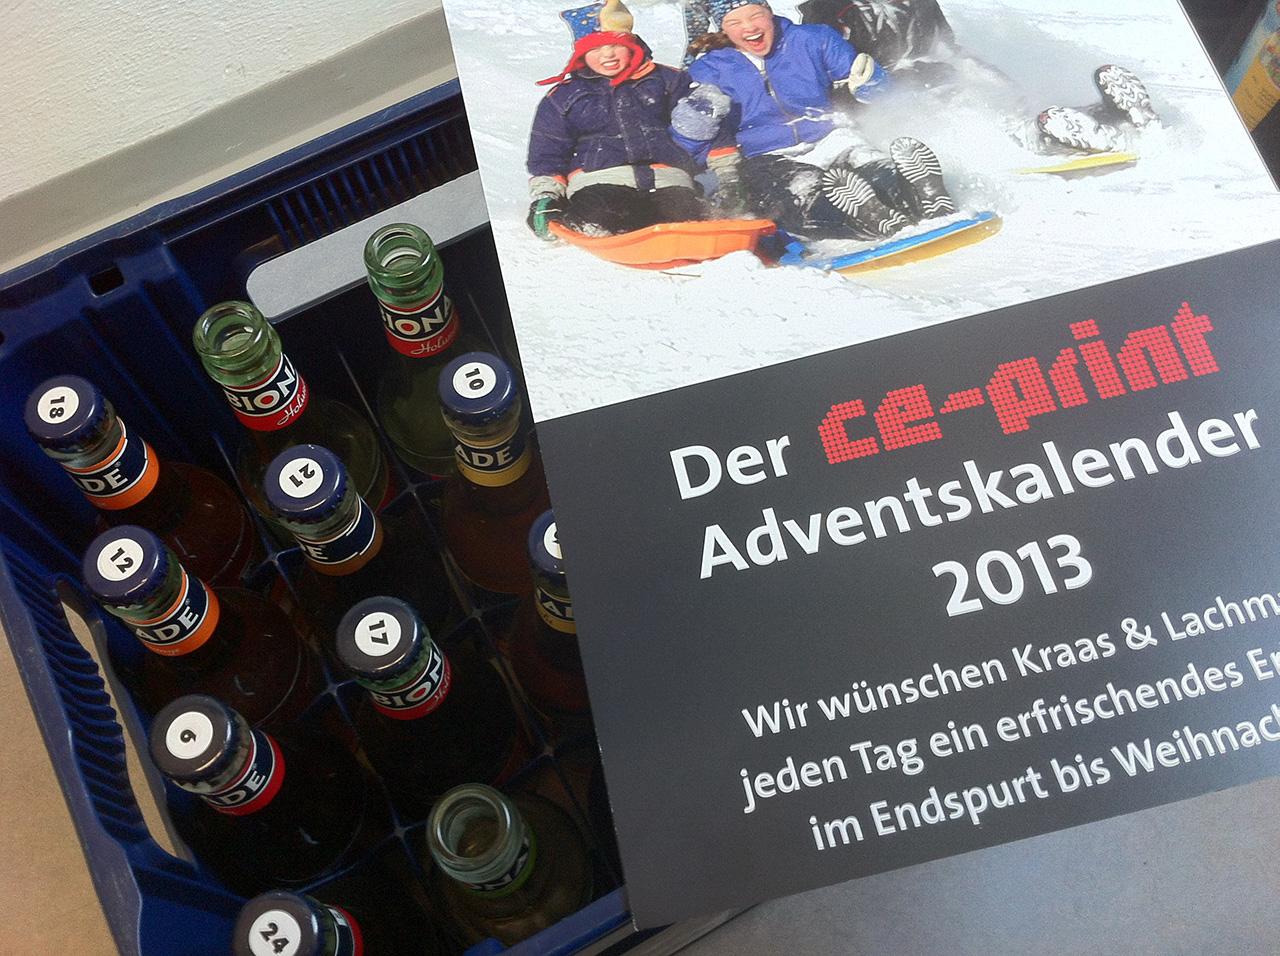 Ein Klassiker: Der ce-print Adventskalender.